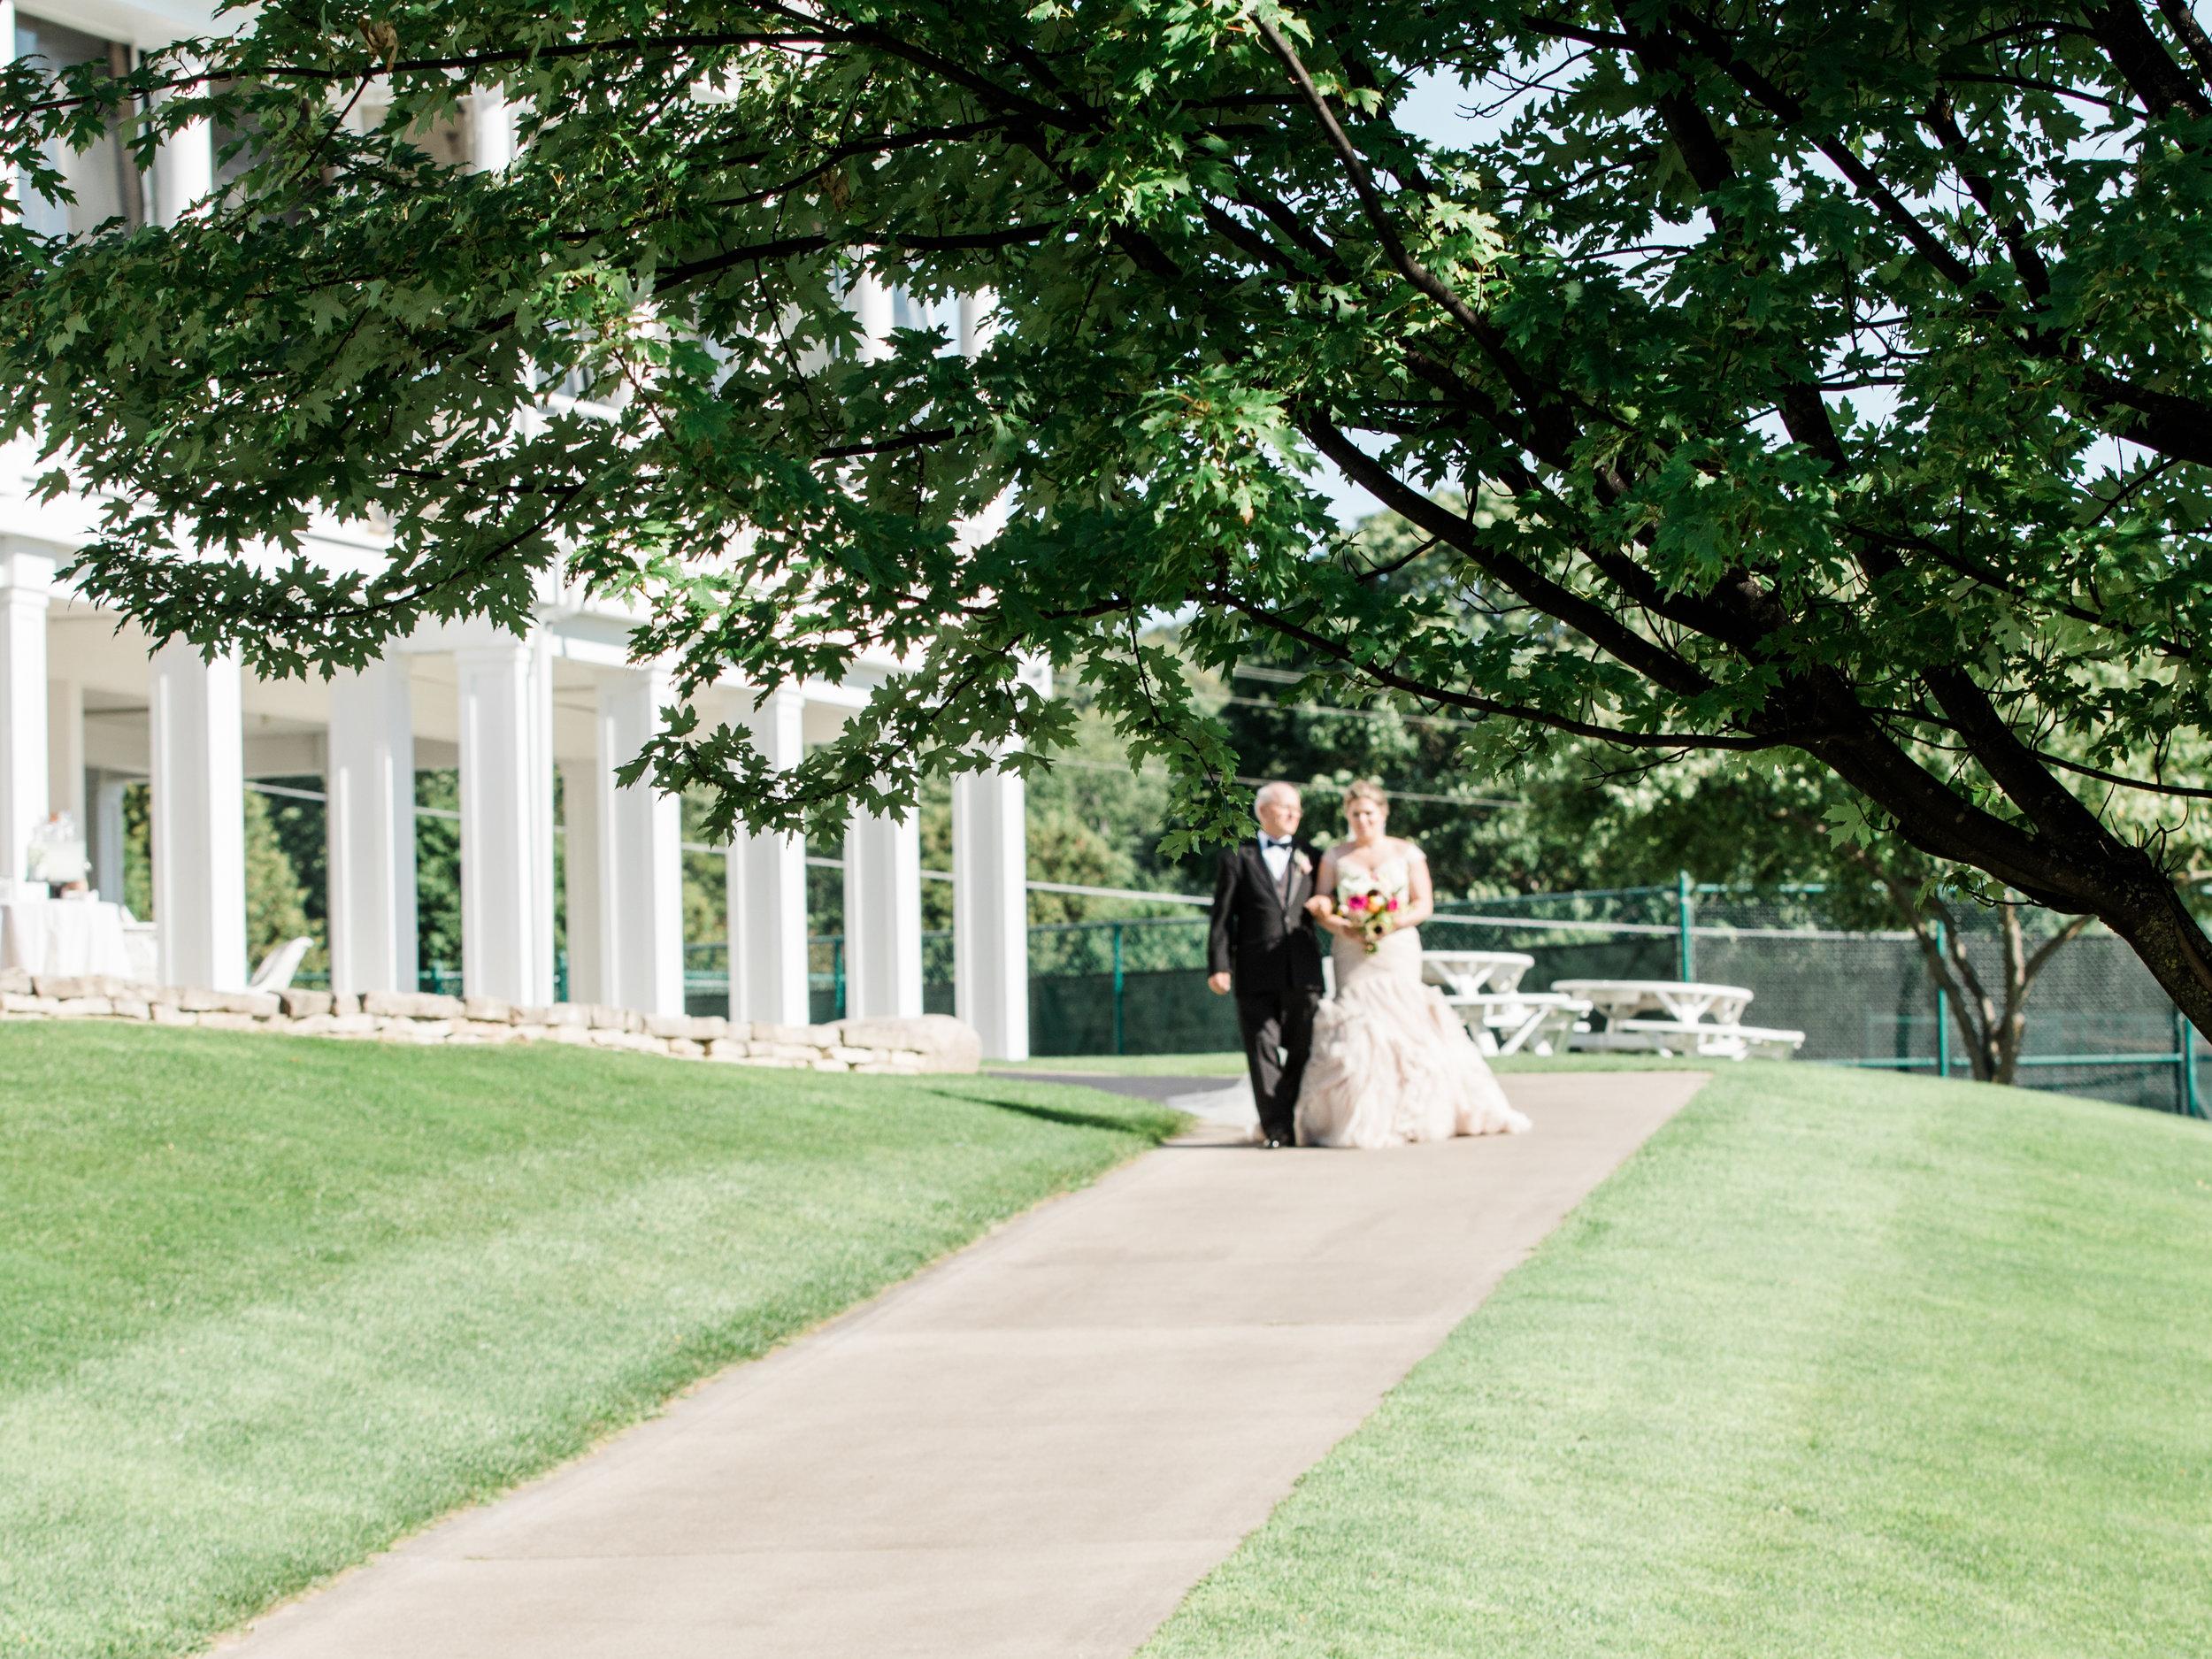 Govathoti+Wedding+Ceremony-108.jpg